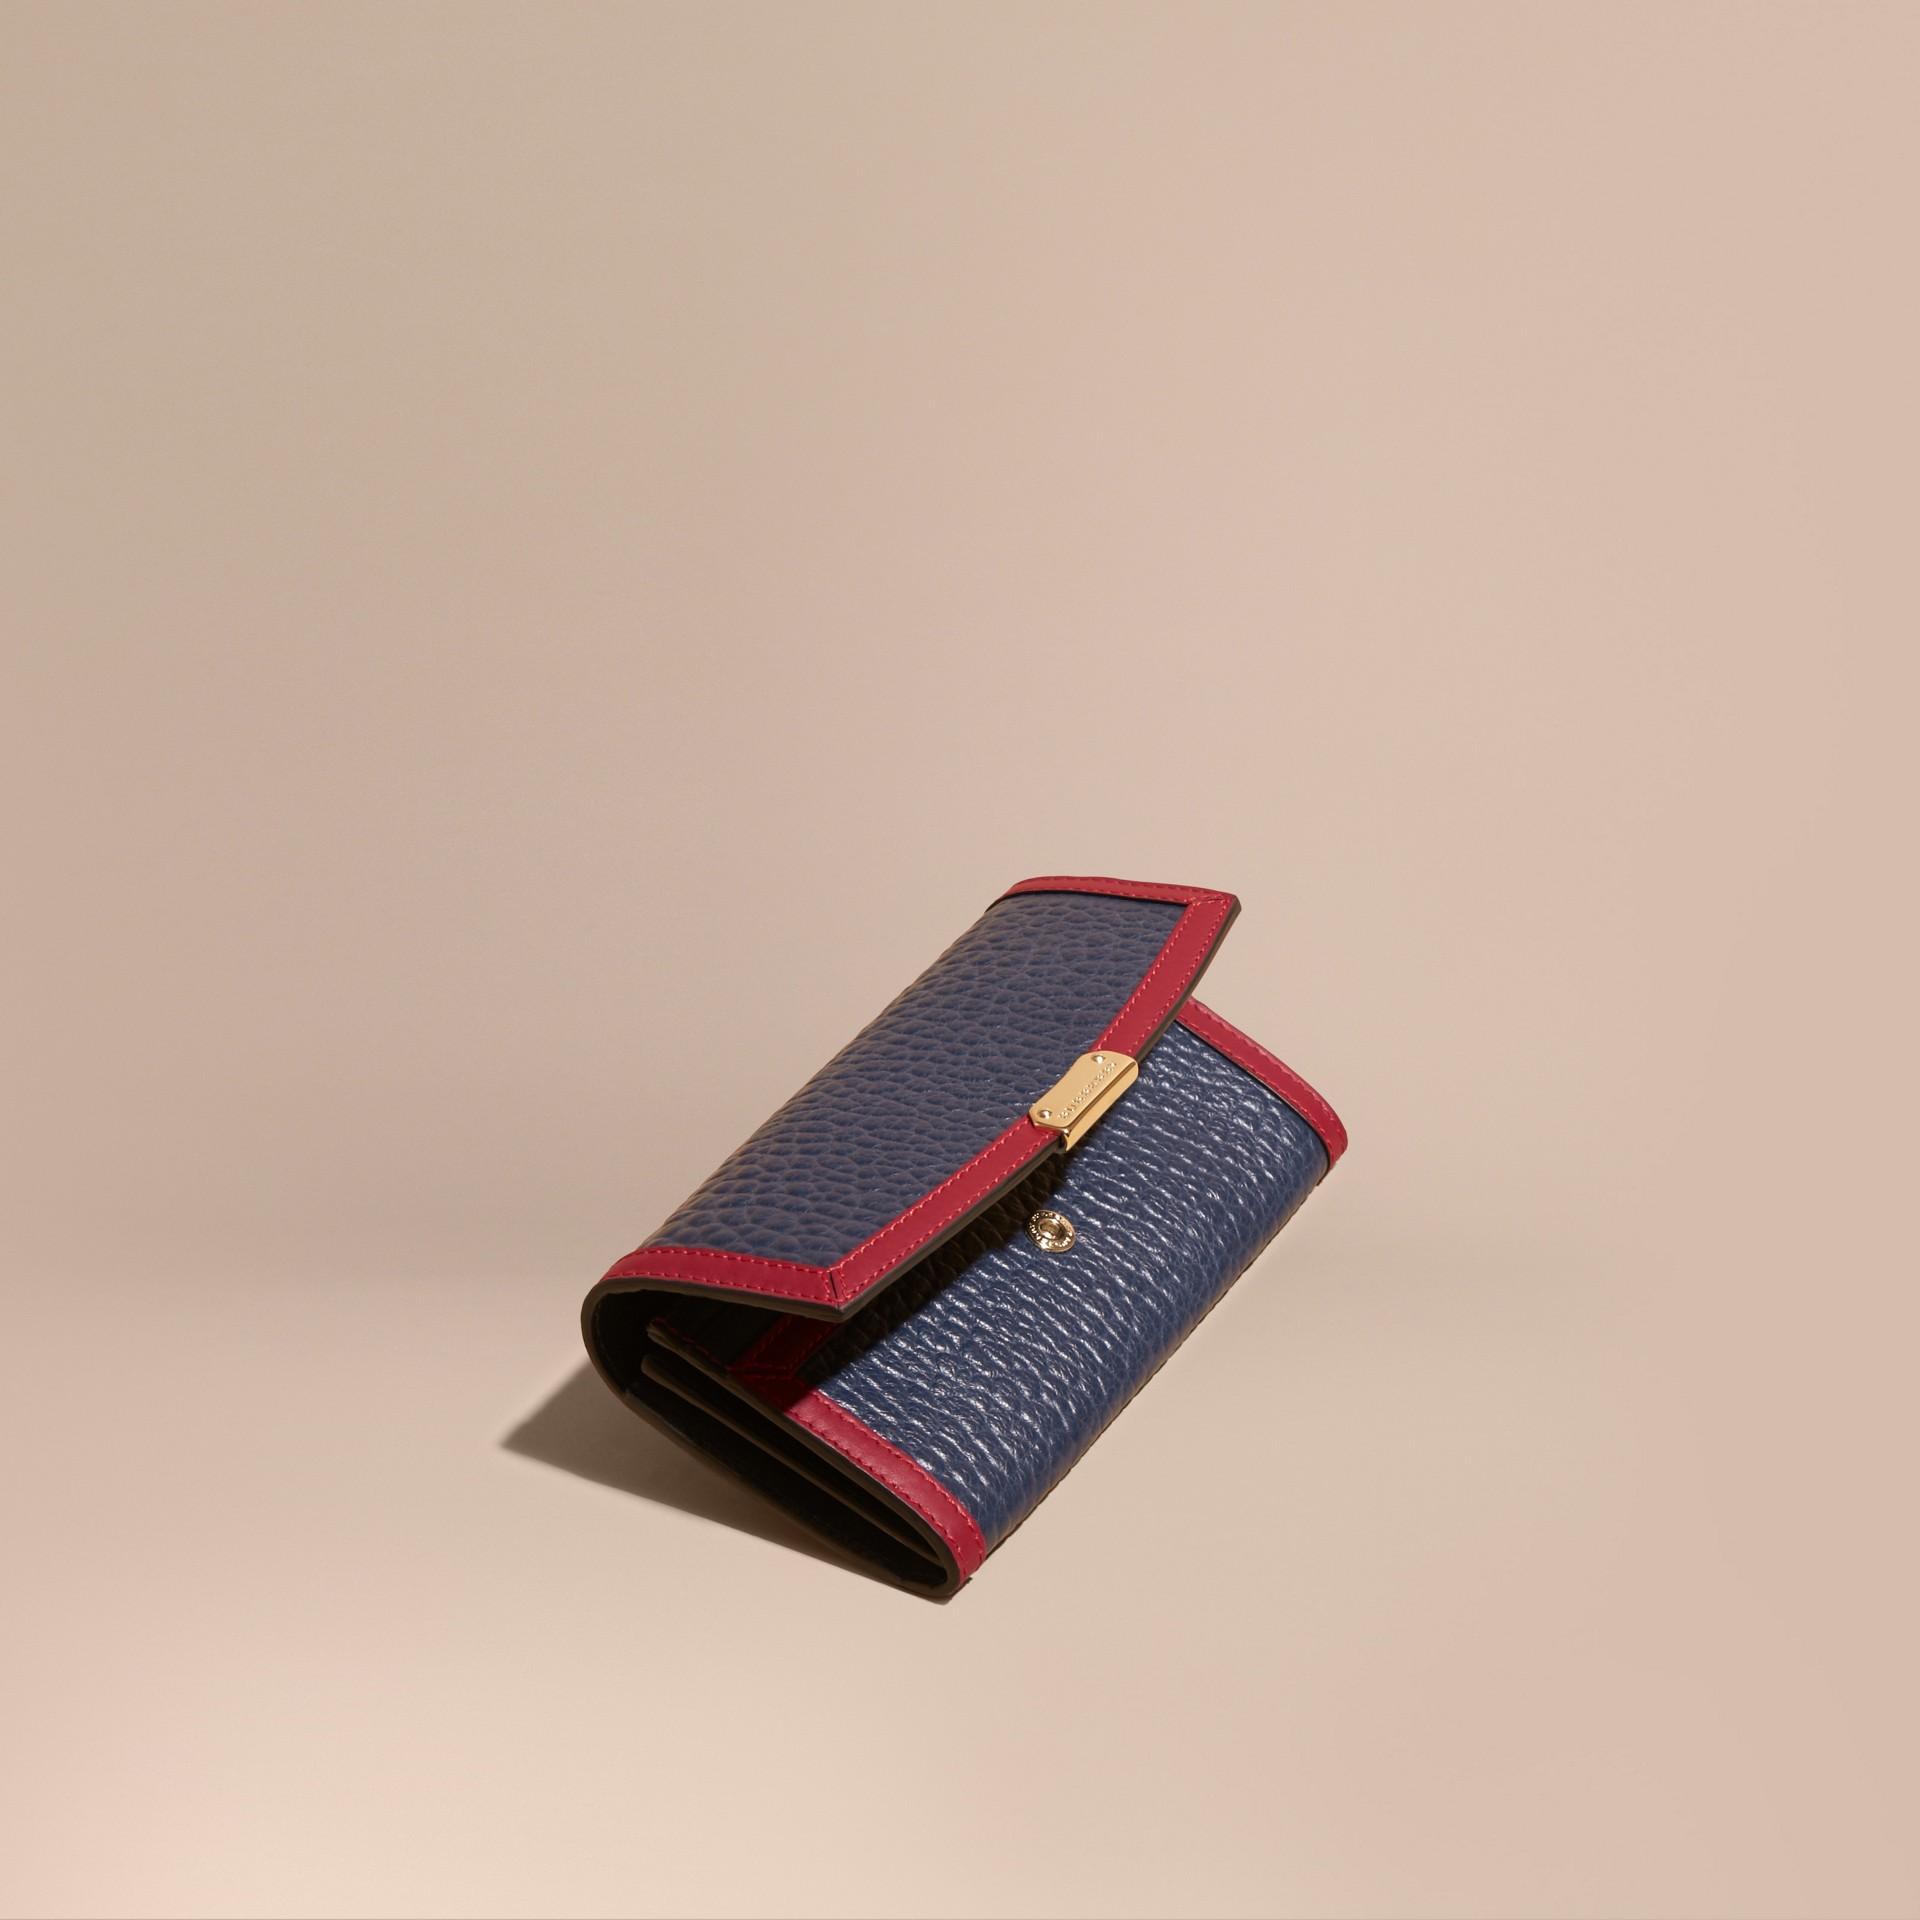 Угольно-синий / парадный красный Классический бумажник из зернистой кожи с окантовкой - изображение 1